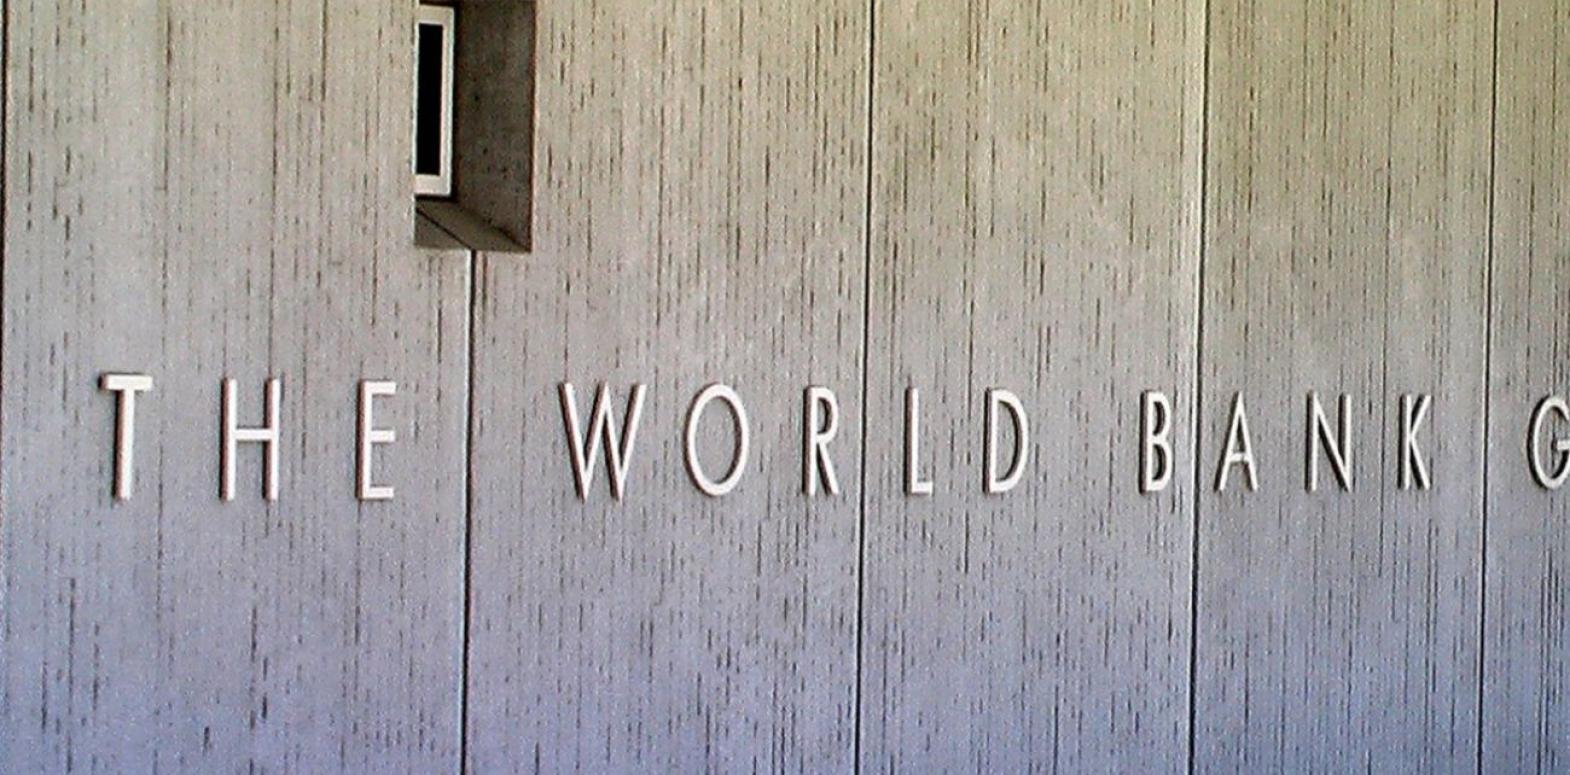 Всемирный банк повысил прогноз по ценам на нефть